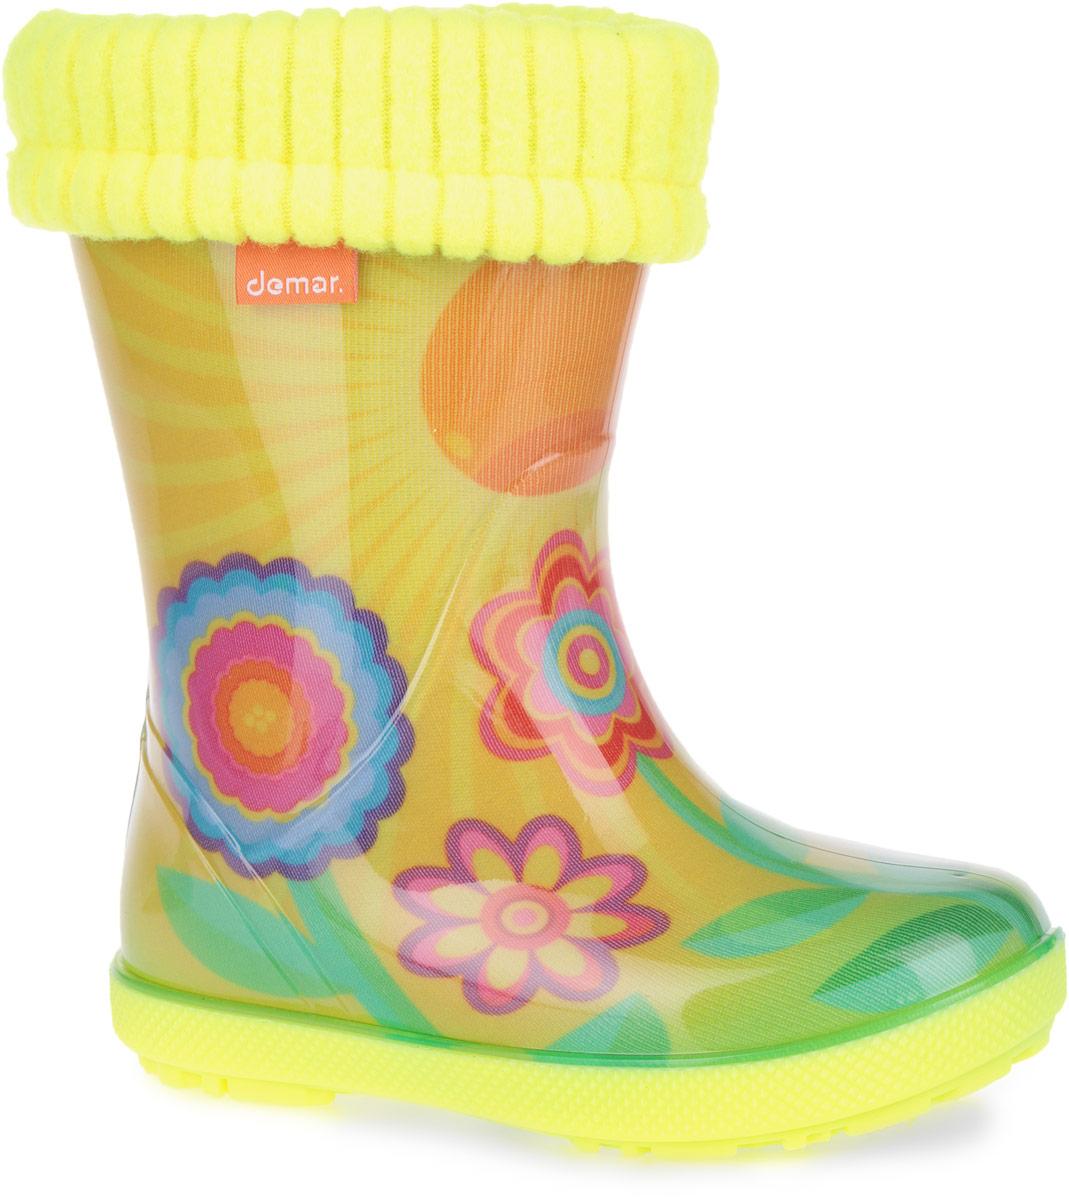 0448/0449_СолнышкоОчаровательные резиновые сапоги Hawai Lux Exclusive от Demar помогут вашей девочке создать яркий, запоминающийся образ! Модель изготовлена из качественного ПВХ и оформлена изображениями цветов и солнышка. Ширина голенища компенсирует отсутствие застежек. Главным преимуществом резиновых сапожек является наличие съемного текстильного носка, который можно вынуть и легко просушить. На задней поверхности изделия расположен светоотражающий элемент, отвечающий за безопасность ребенка в темное время суток. Подошва с глубоким рисунком протектора обеспечивает отличное сцепление с любой поверхностью. Яркие резиновые сапоги поднимут вам и вашему ребенку настроение в дождливую погоду!